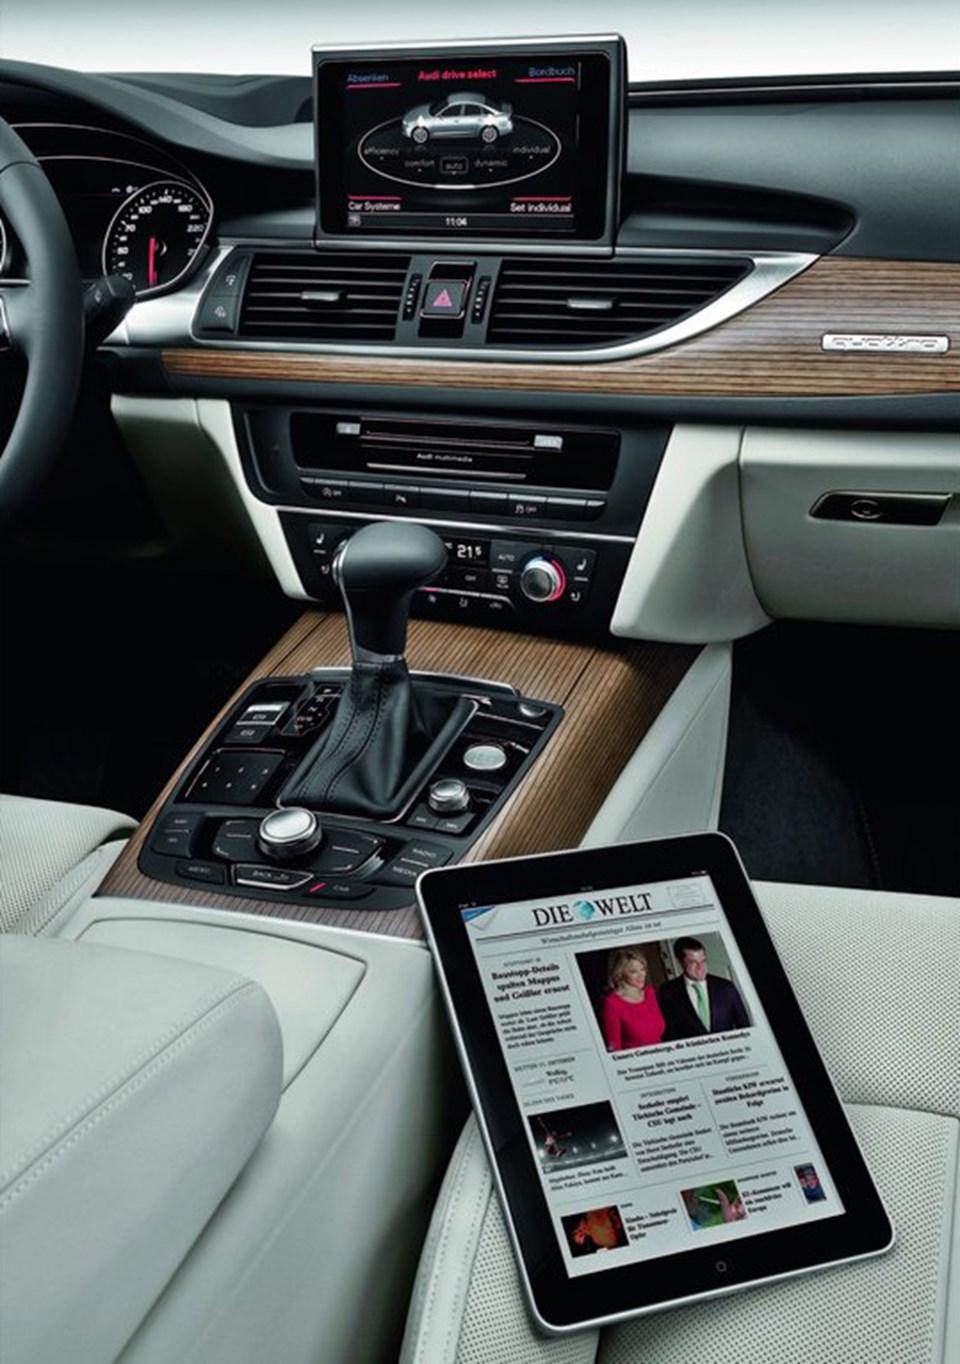 Araç içindeki kablosuz ağ ile iPad kullanmak mümkün.